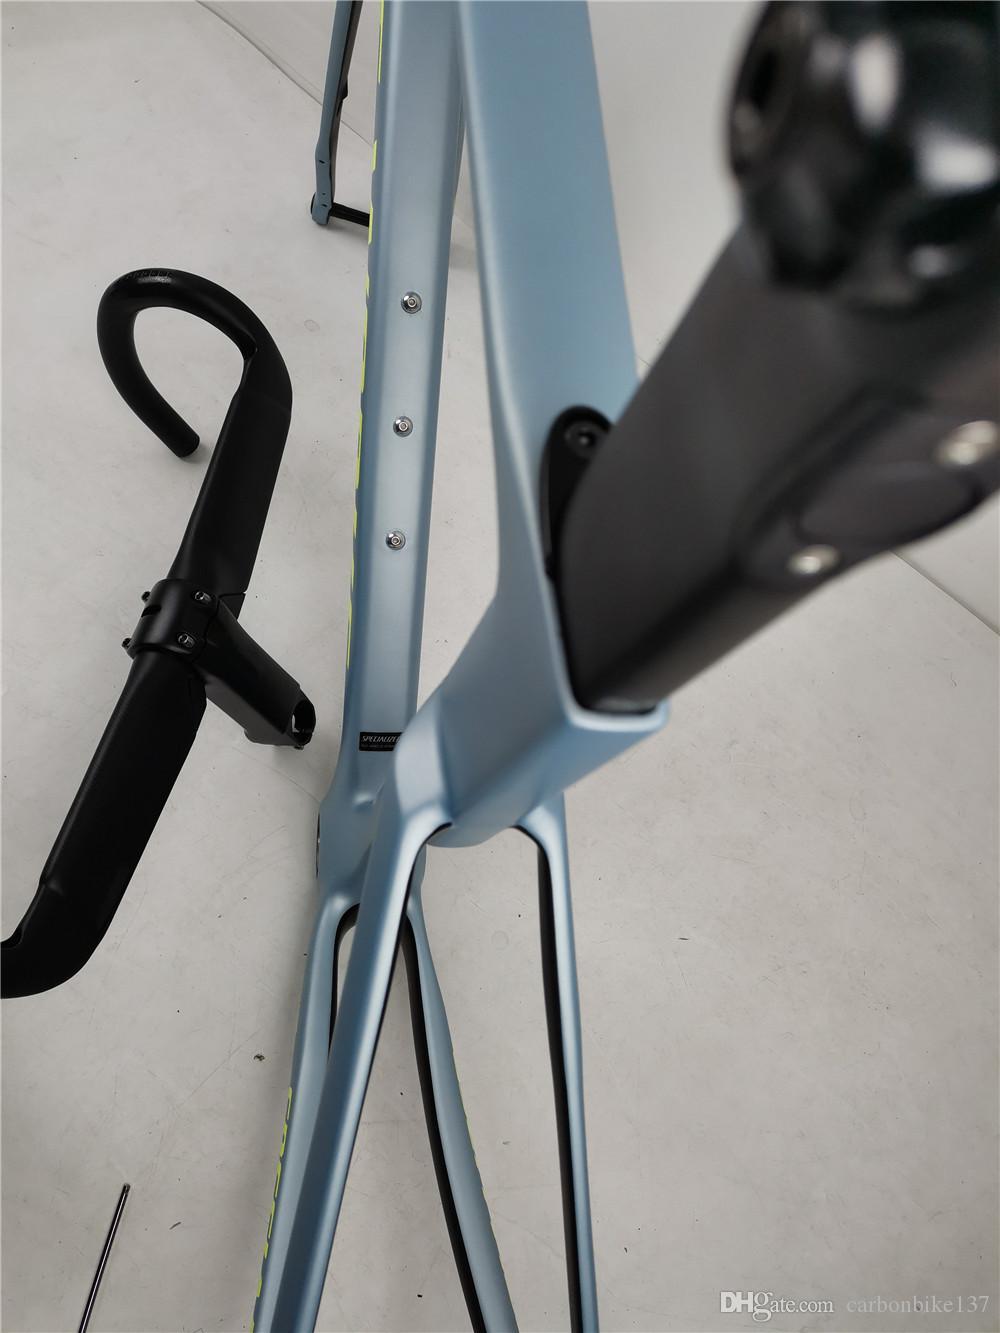 100 142 * 12 * 12mm 통해 차축 바퀴 디스크 브레이크 자전거 프레임 2020 초고속 탄소 도로 자전거 프레임 공력 700C